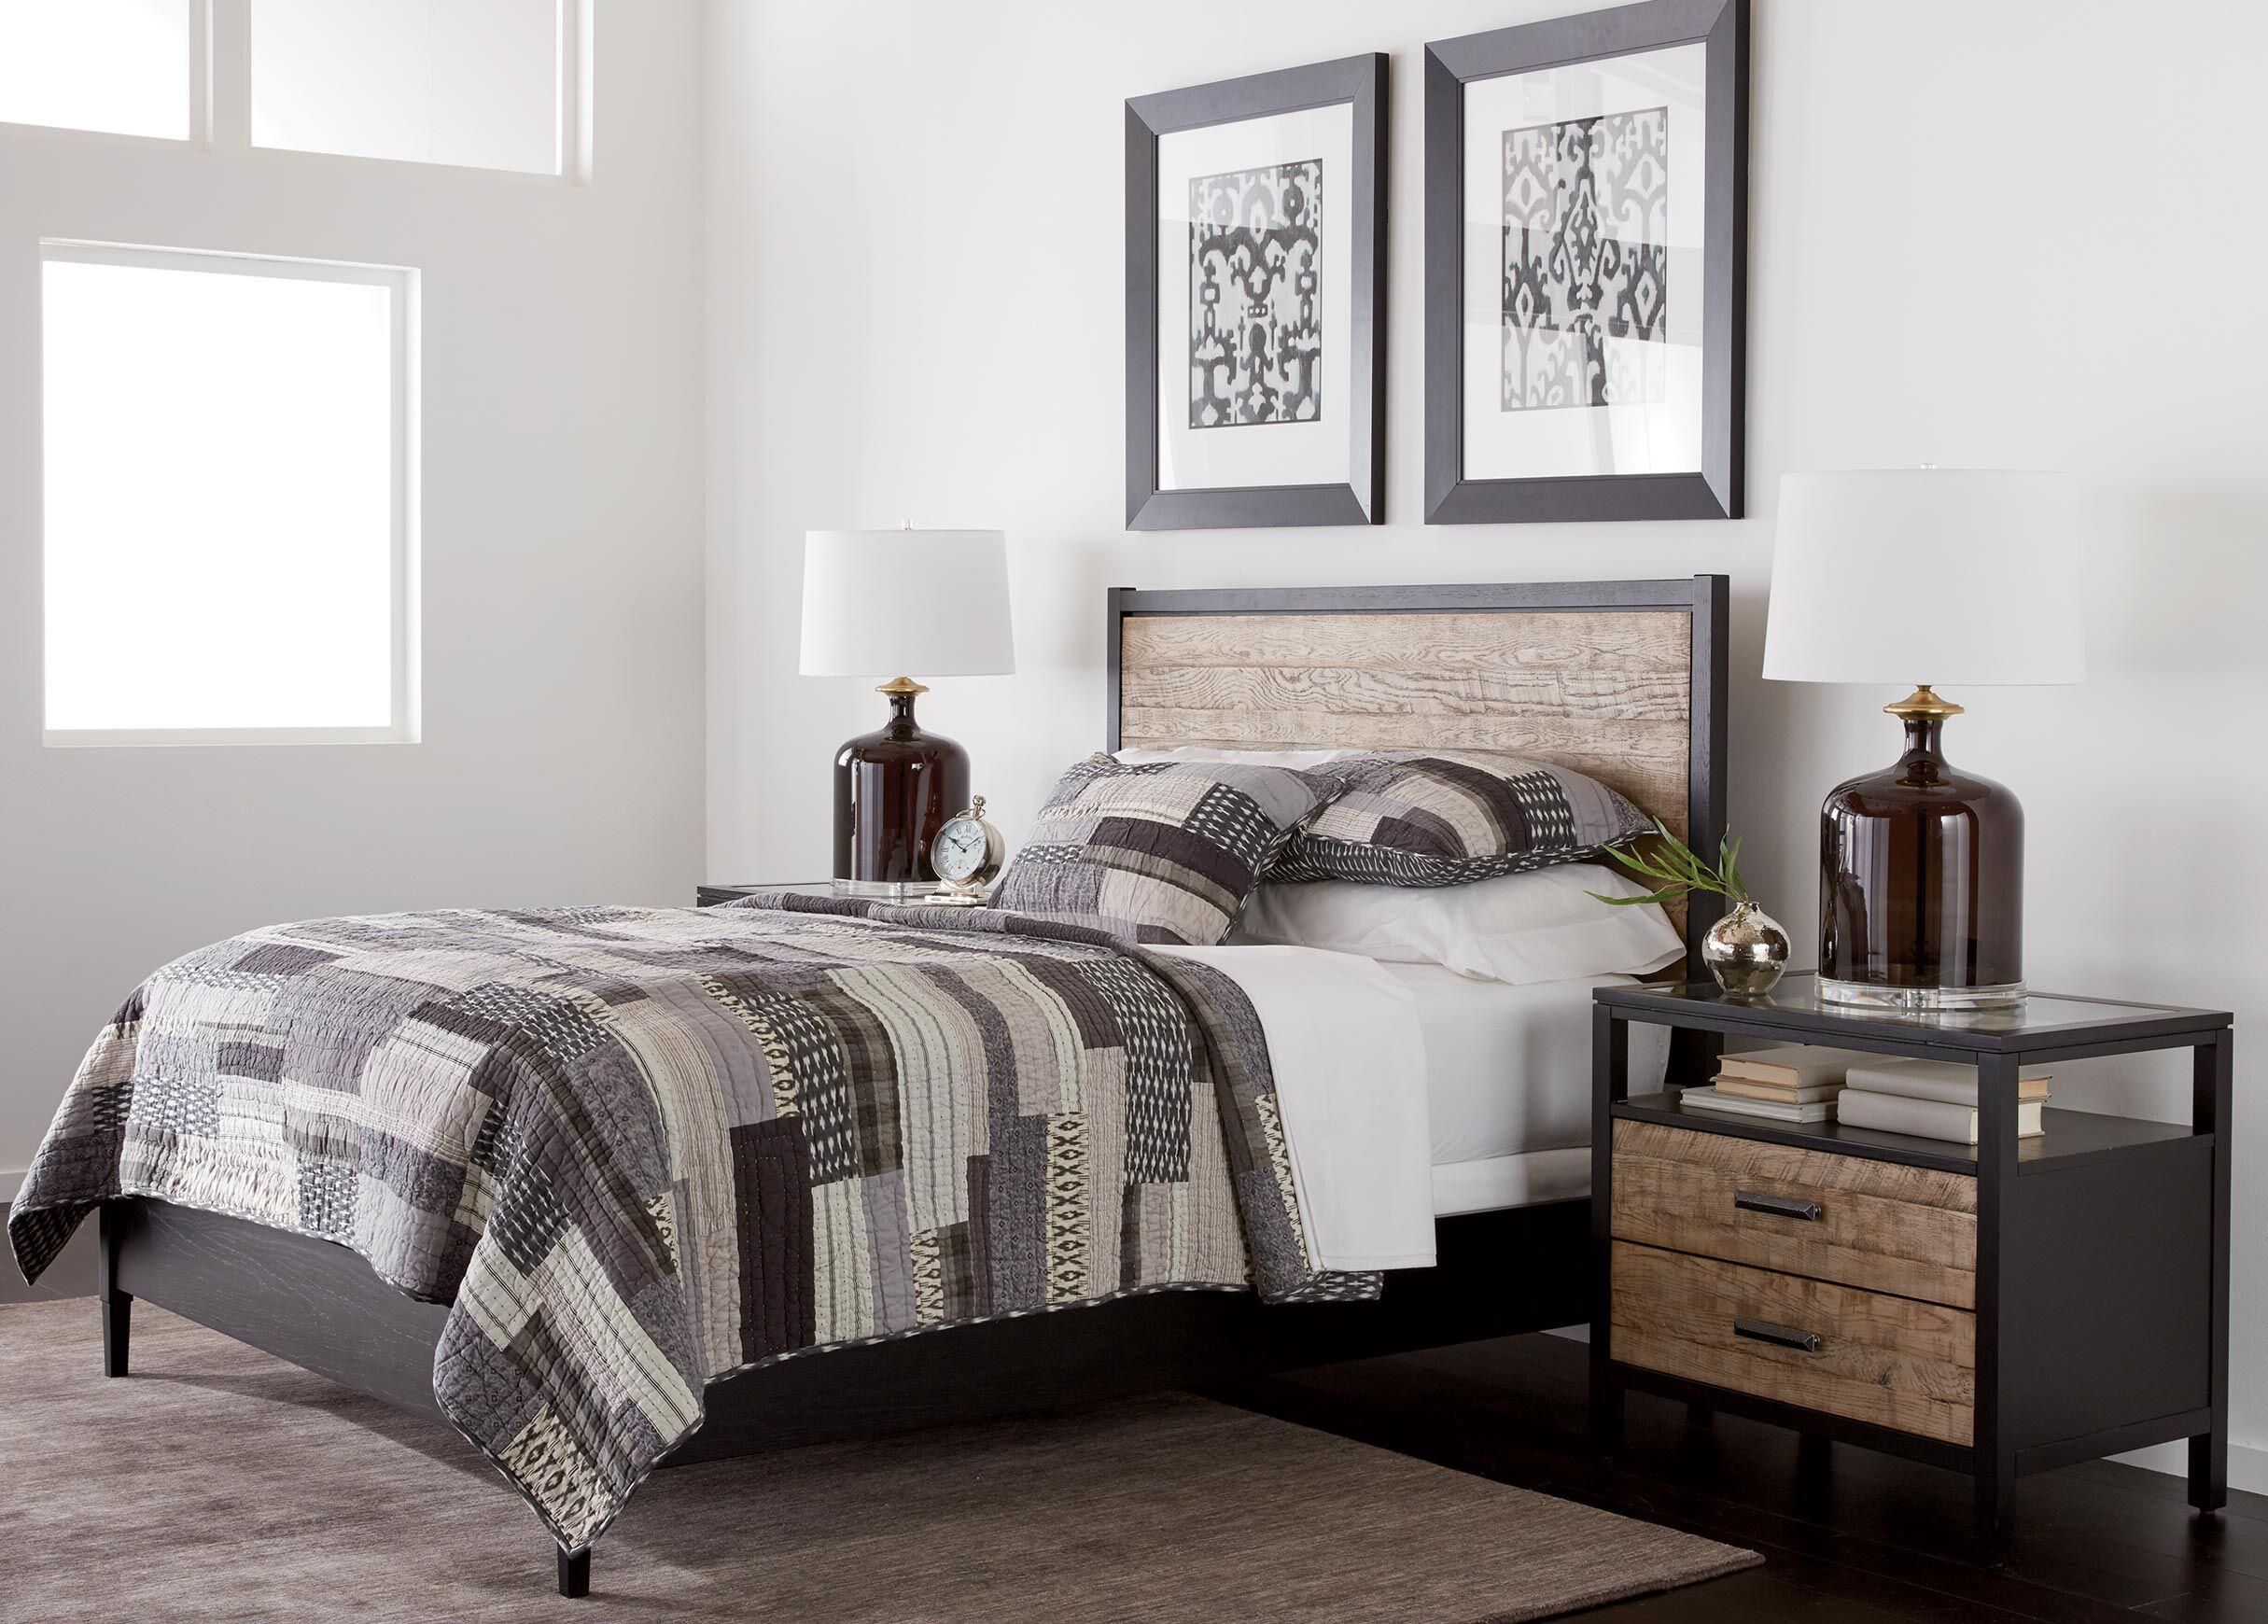 Merrick Bed Ethan Allen Beds